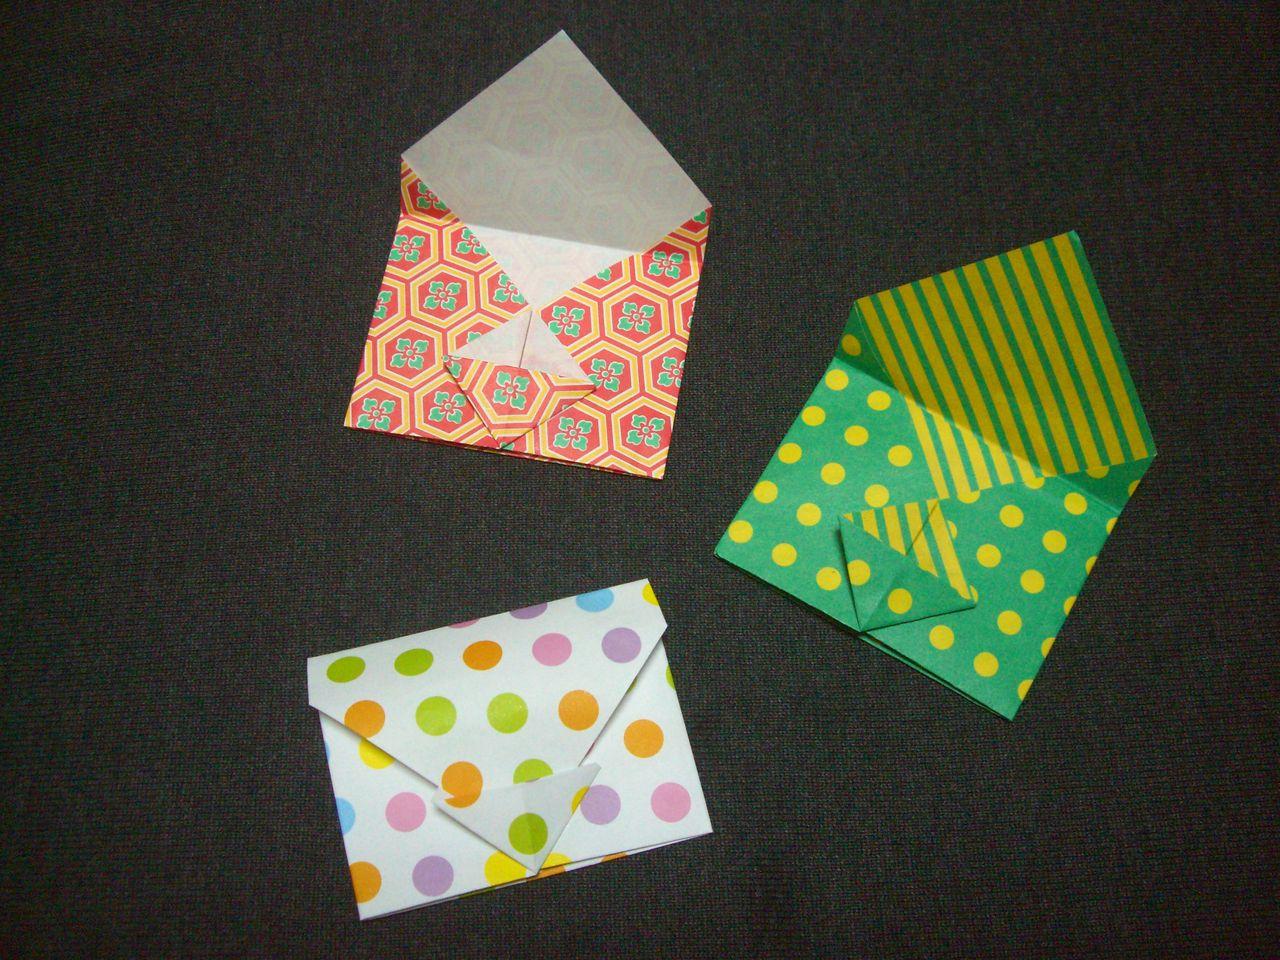 ハート 折り紙 ハート 折り紙 手紙 : origami おりがみ遊び(みに封筒)